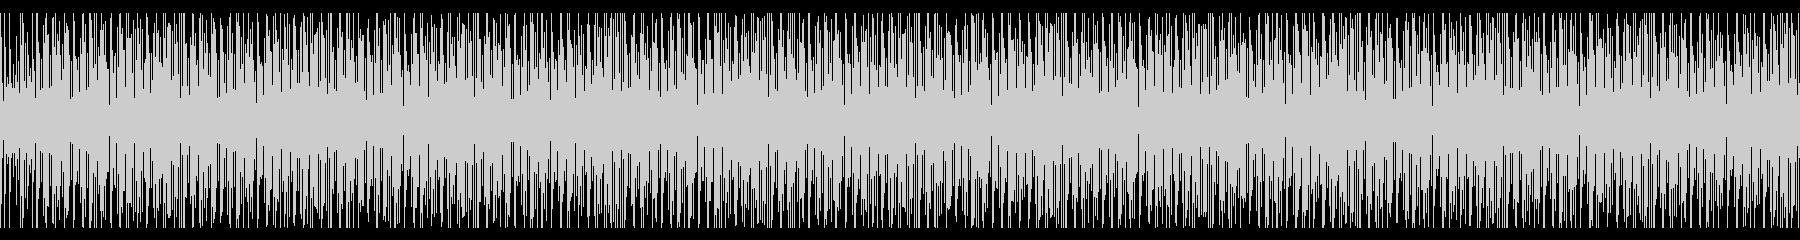 トークの後ろで流れそうなBGMの未再生の波形